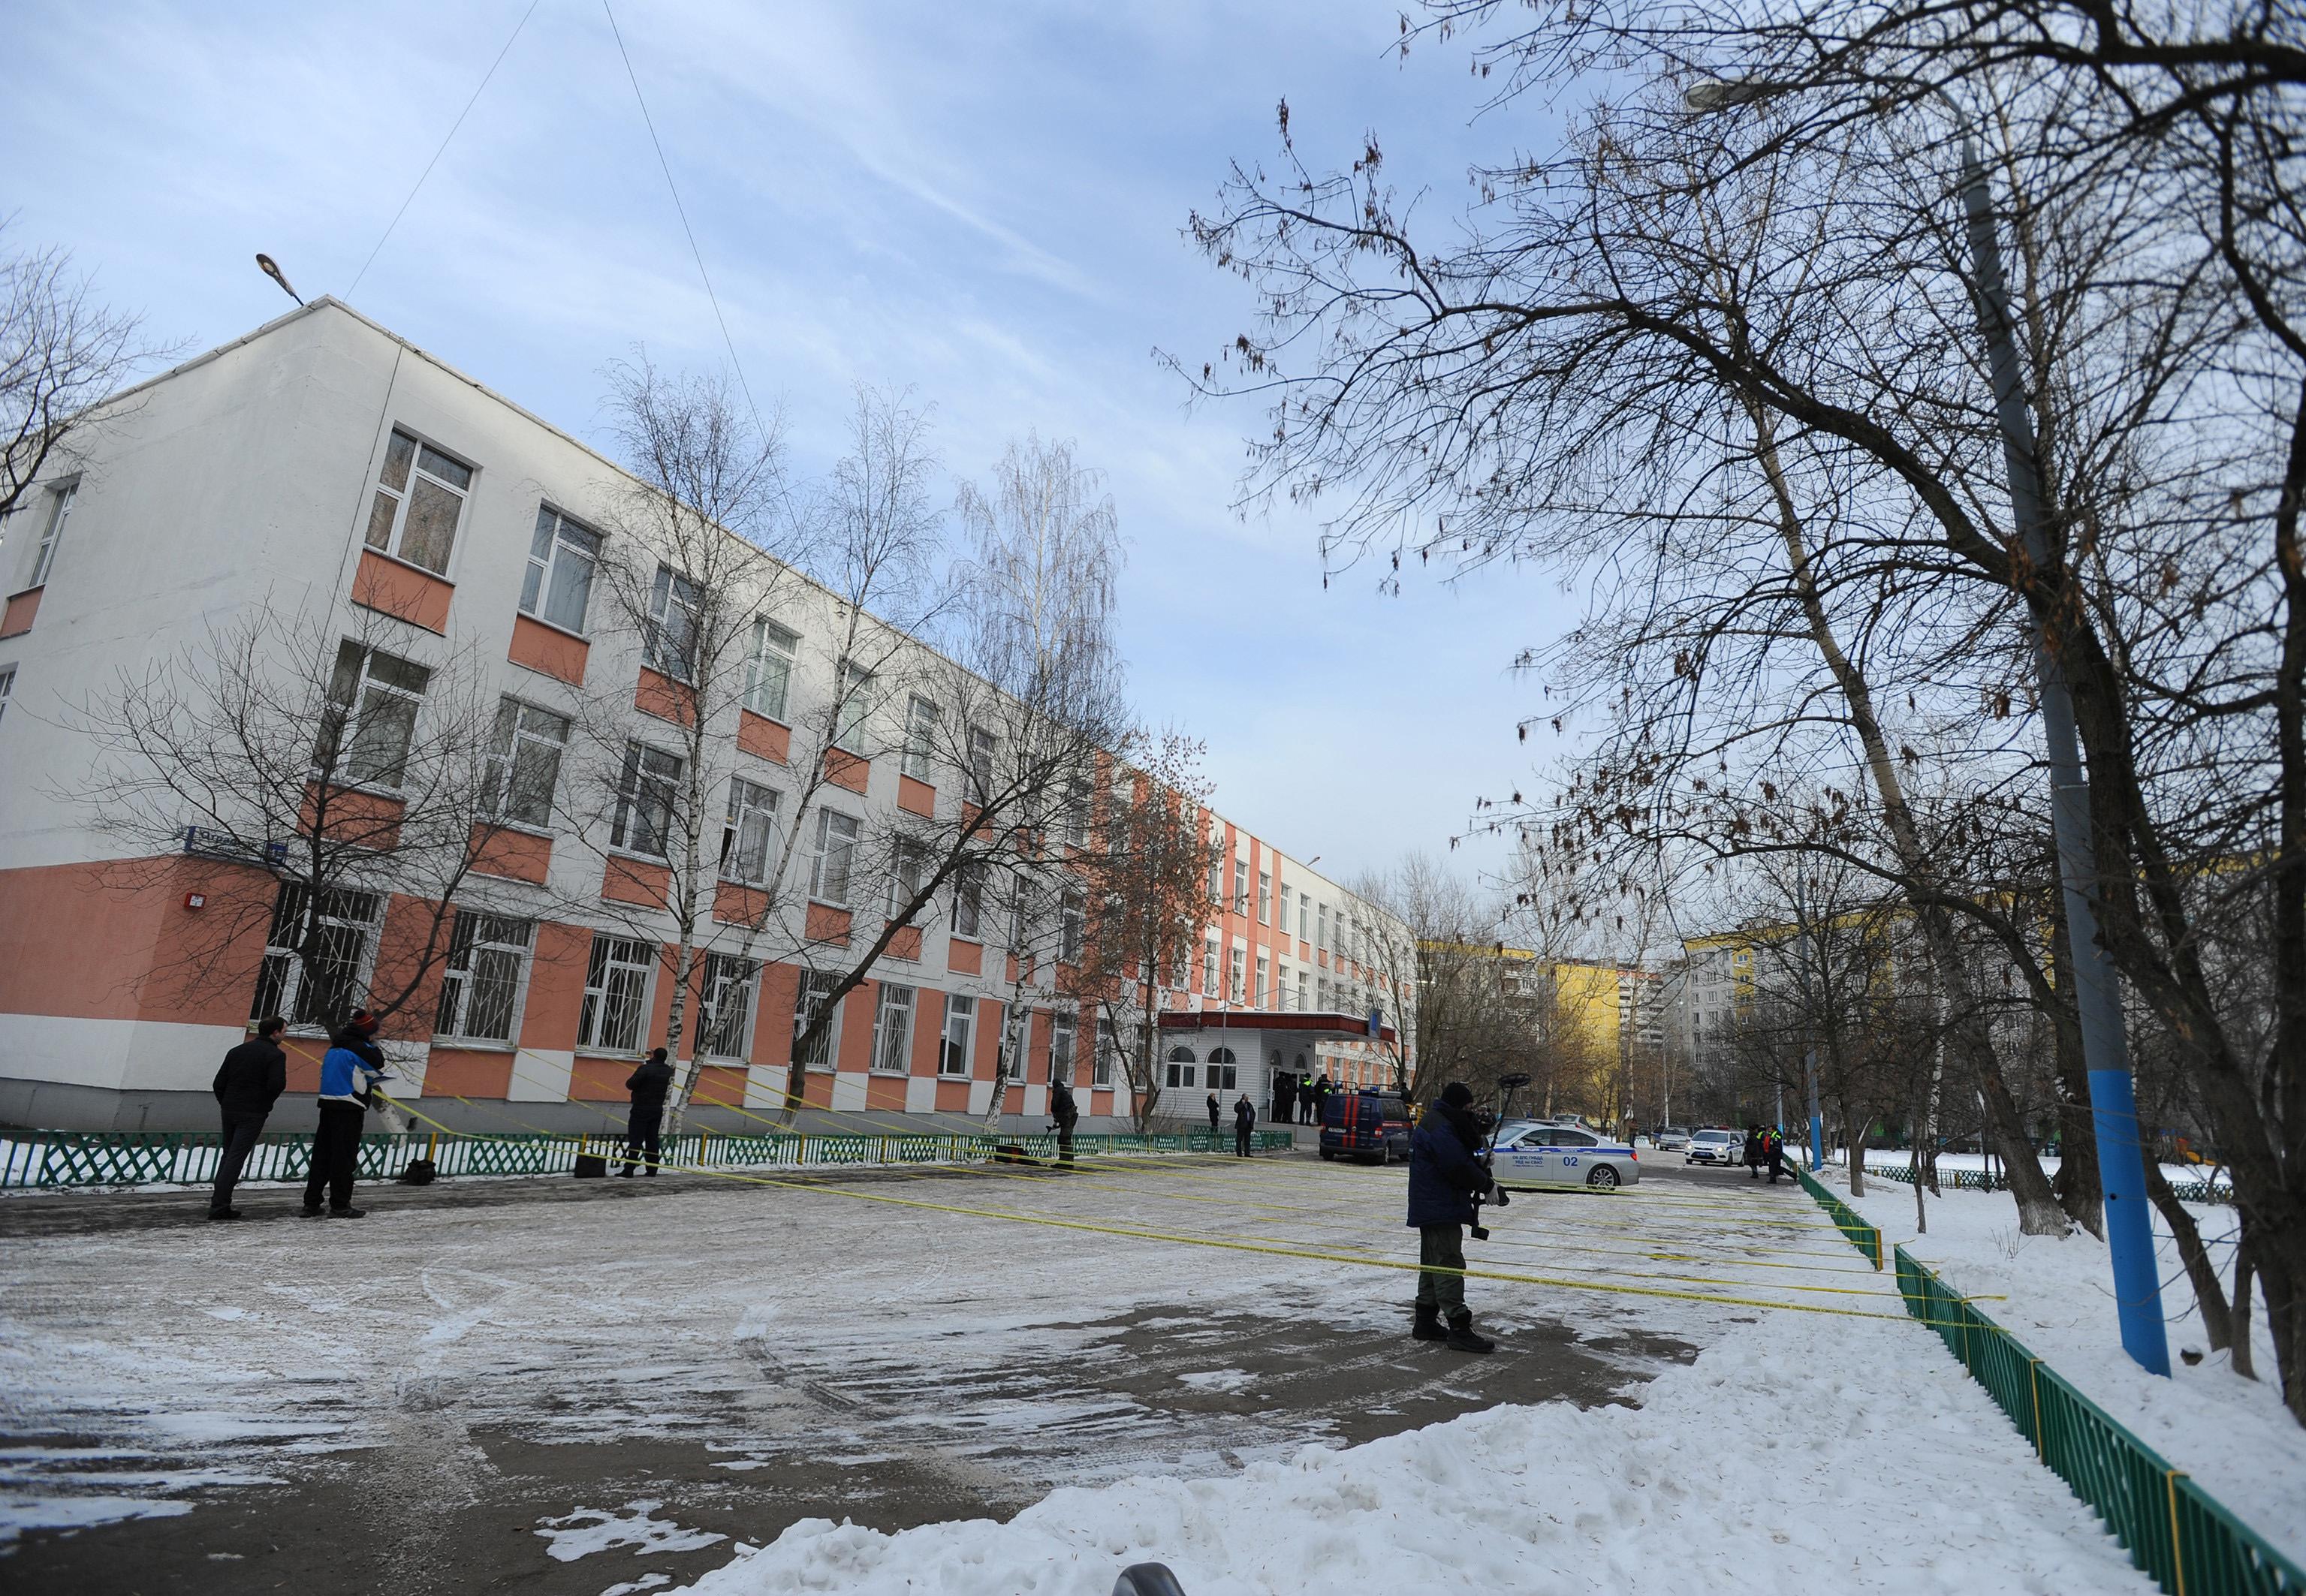 Őrizetbe vettek két 16 éves fiút Oroszországban, mert fegyveres merényletet terveztek egy iskola ellen